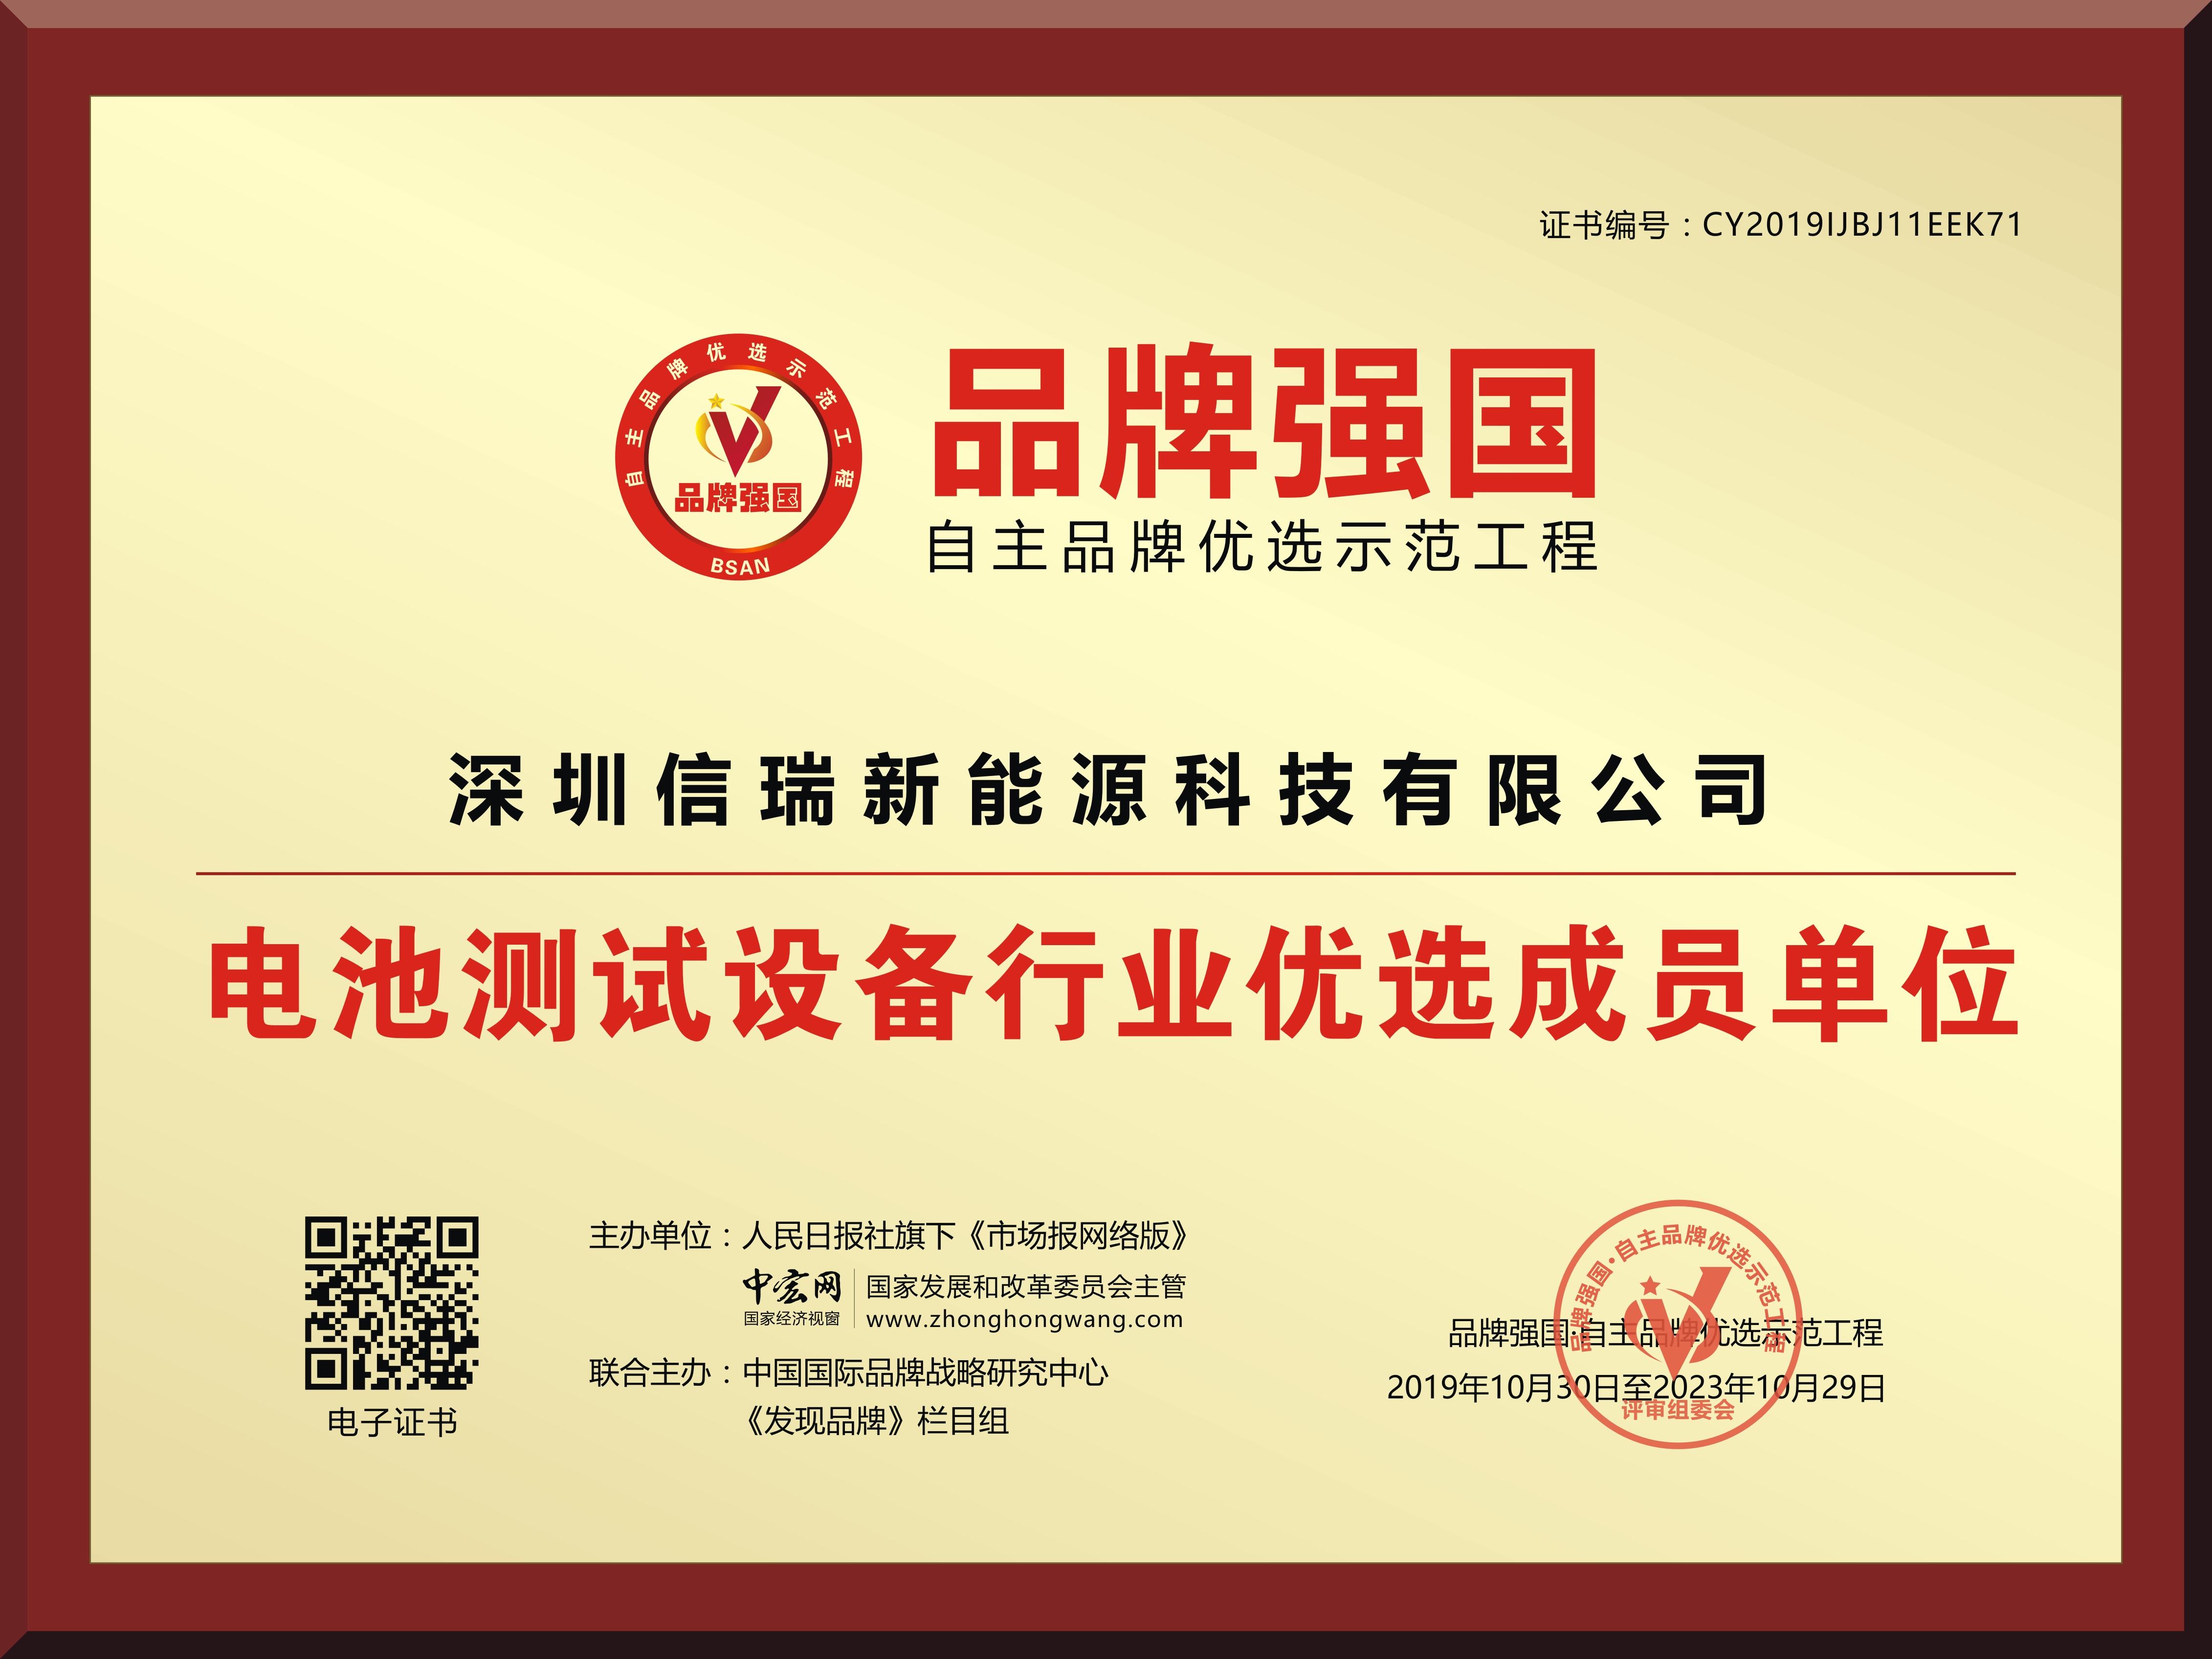 品牌認證是單位招標、政府采購等活動的門檻和重要資質。